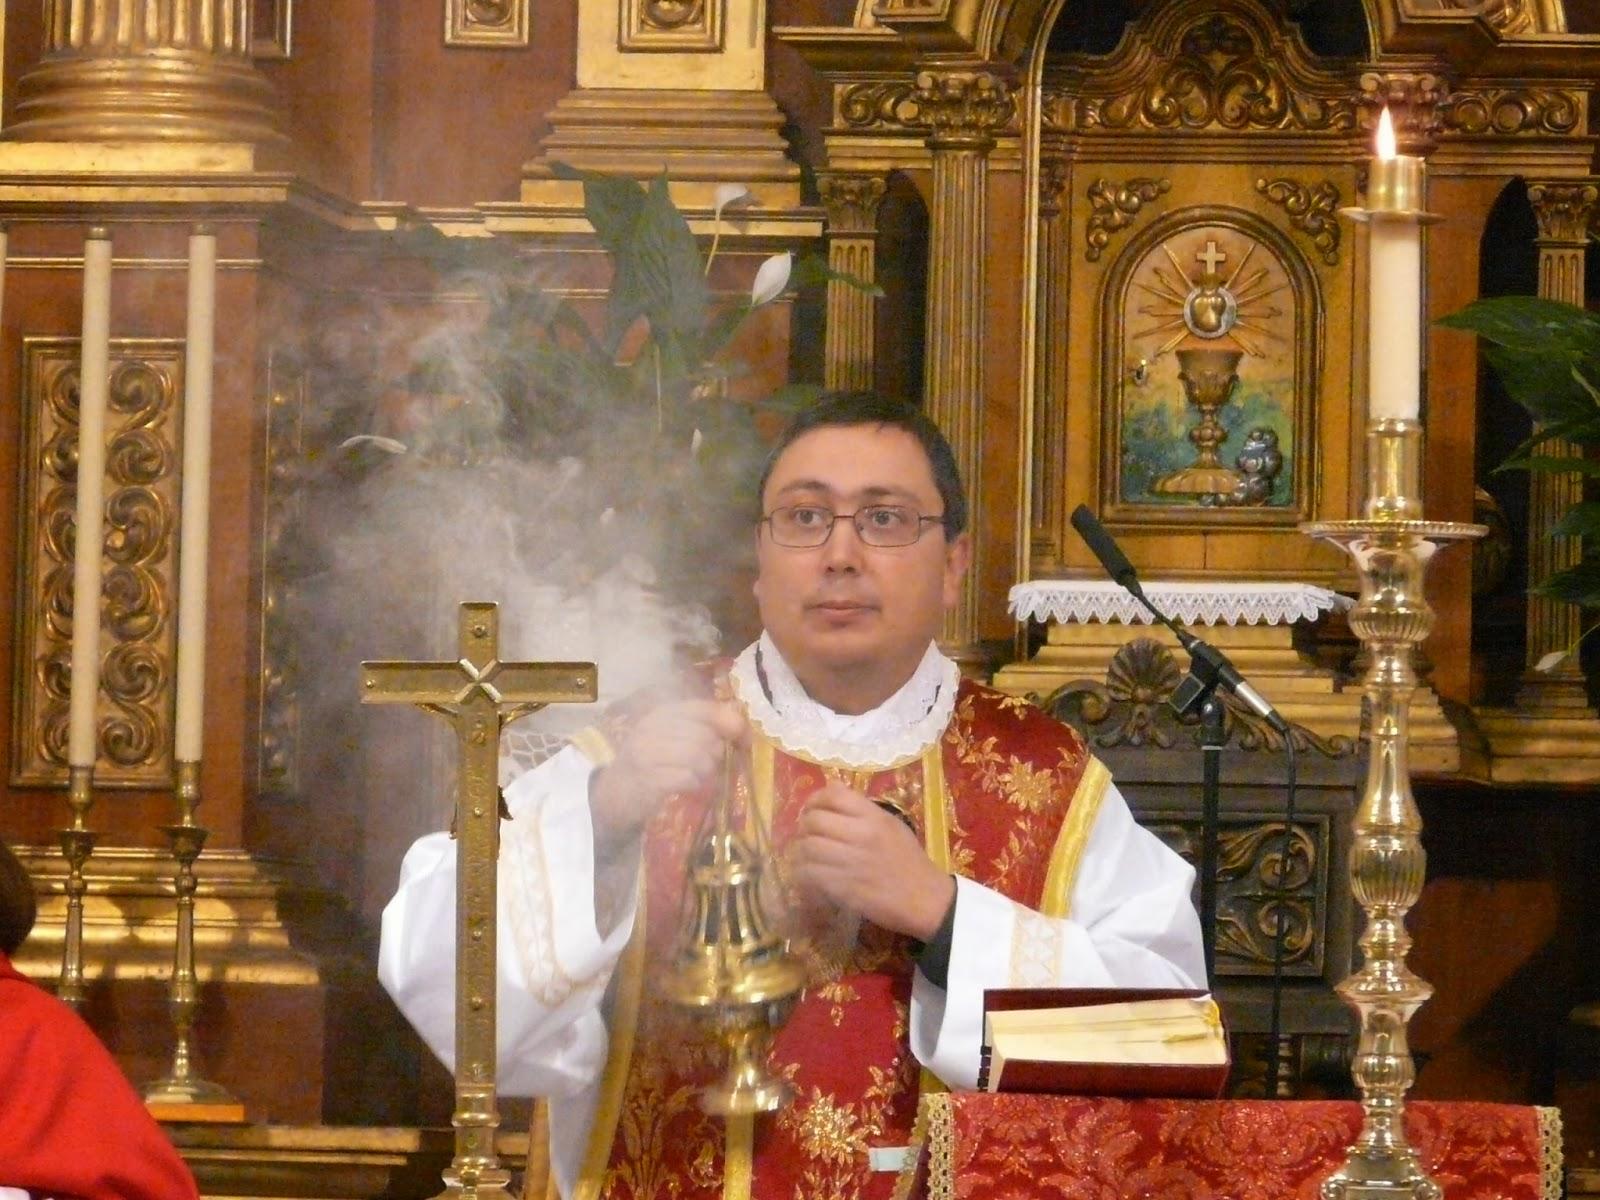 El obispo de Córdoba traslada a Espiel al cura que supuestamente abusó de una niña